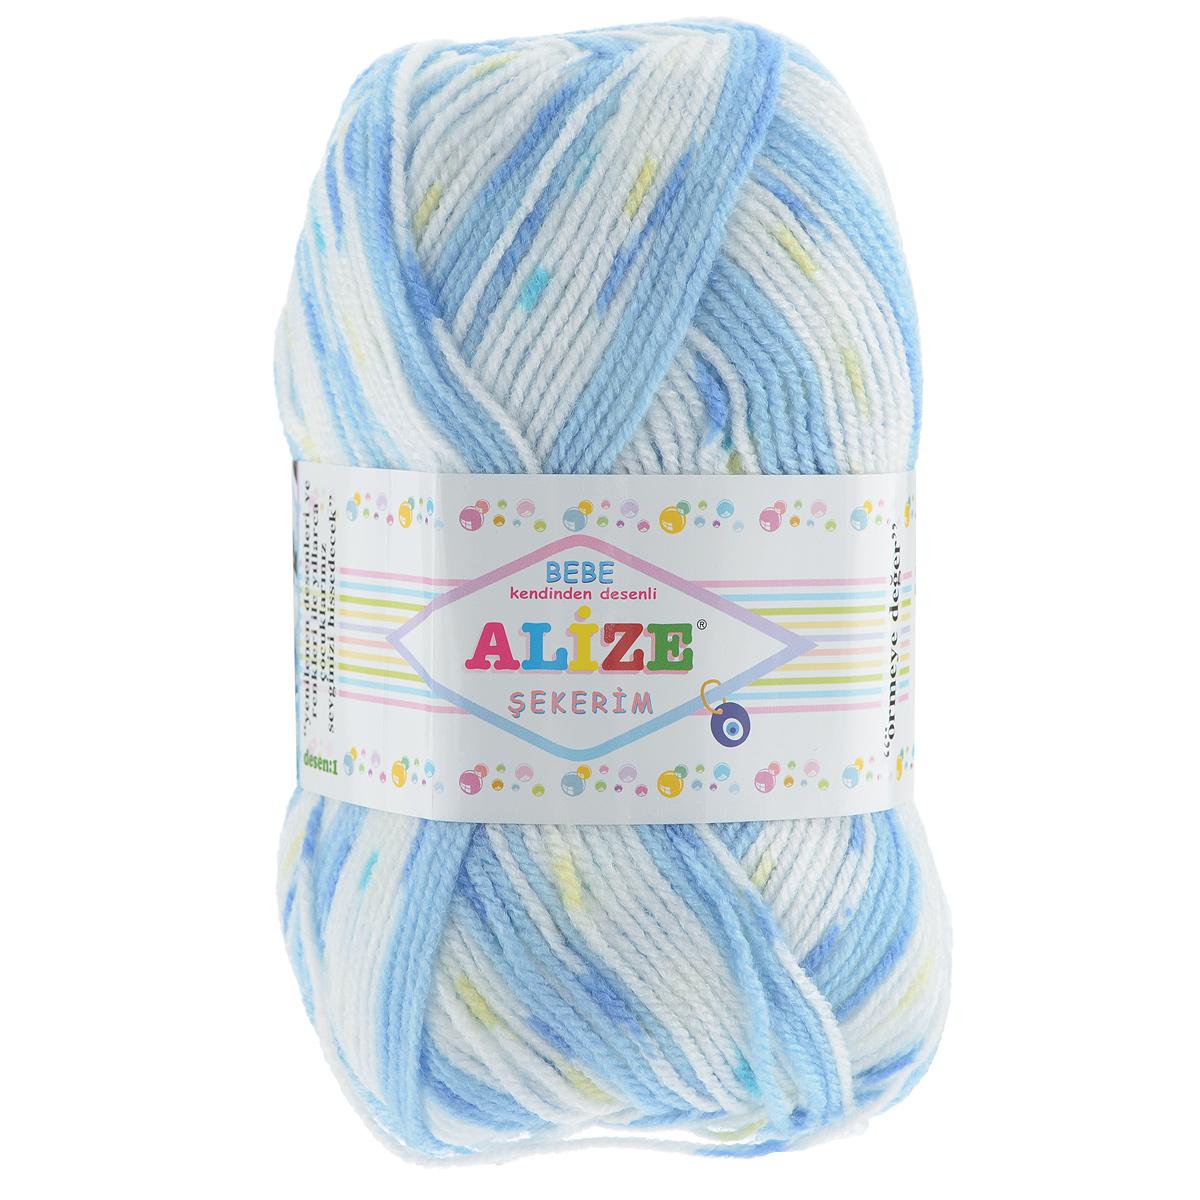 Пряжа для вязания Alize Sekerim Bebe, цвет: голубой, белый, синий (101), 320 м, 100 г, 5 шт364082_101Пряжа для вязания Alize Sekerim Bebe изготовлена из акрила. Фантазийная пряжа для ручного вязания отлично подойдет для детских вещей. Ниточка мягкая и приятная на ощупь. Подходит для вязания спицами и крючком. Рекомендованные спицы 3-4 мм и крючок для вязания 2-4 мм. Состав: 100% акрил.